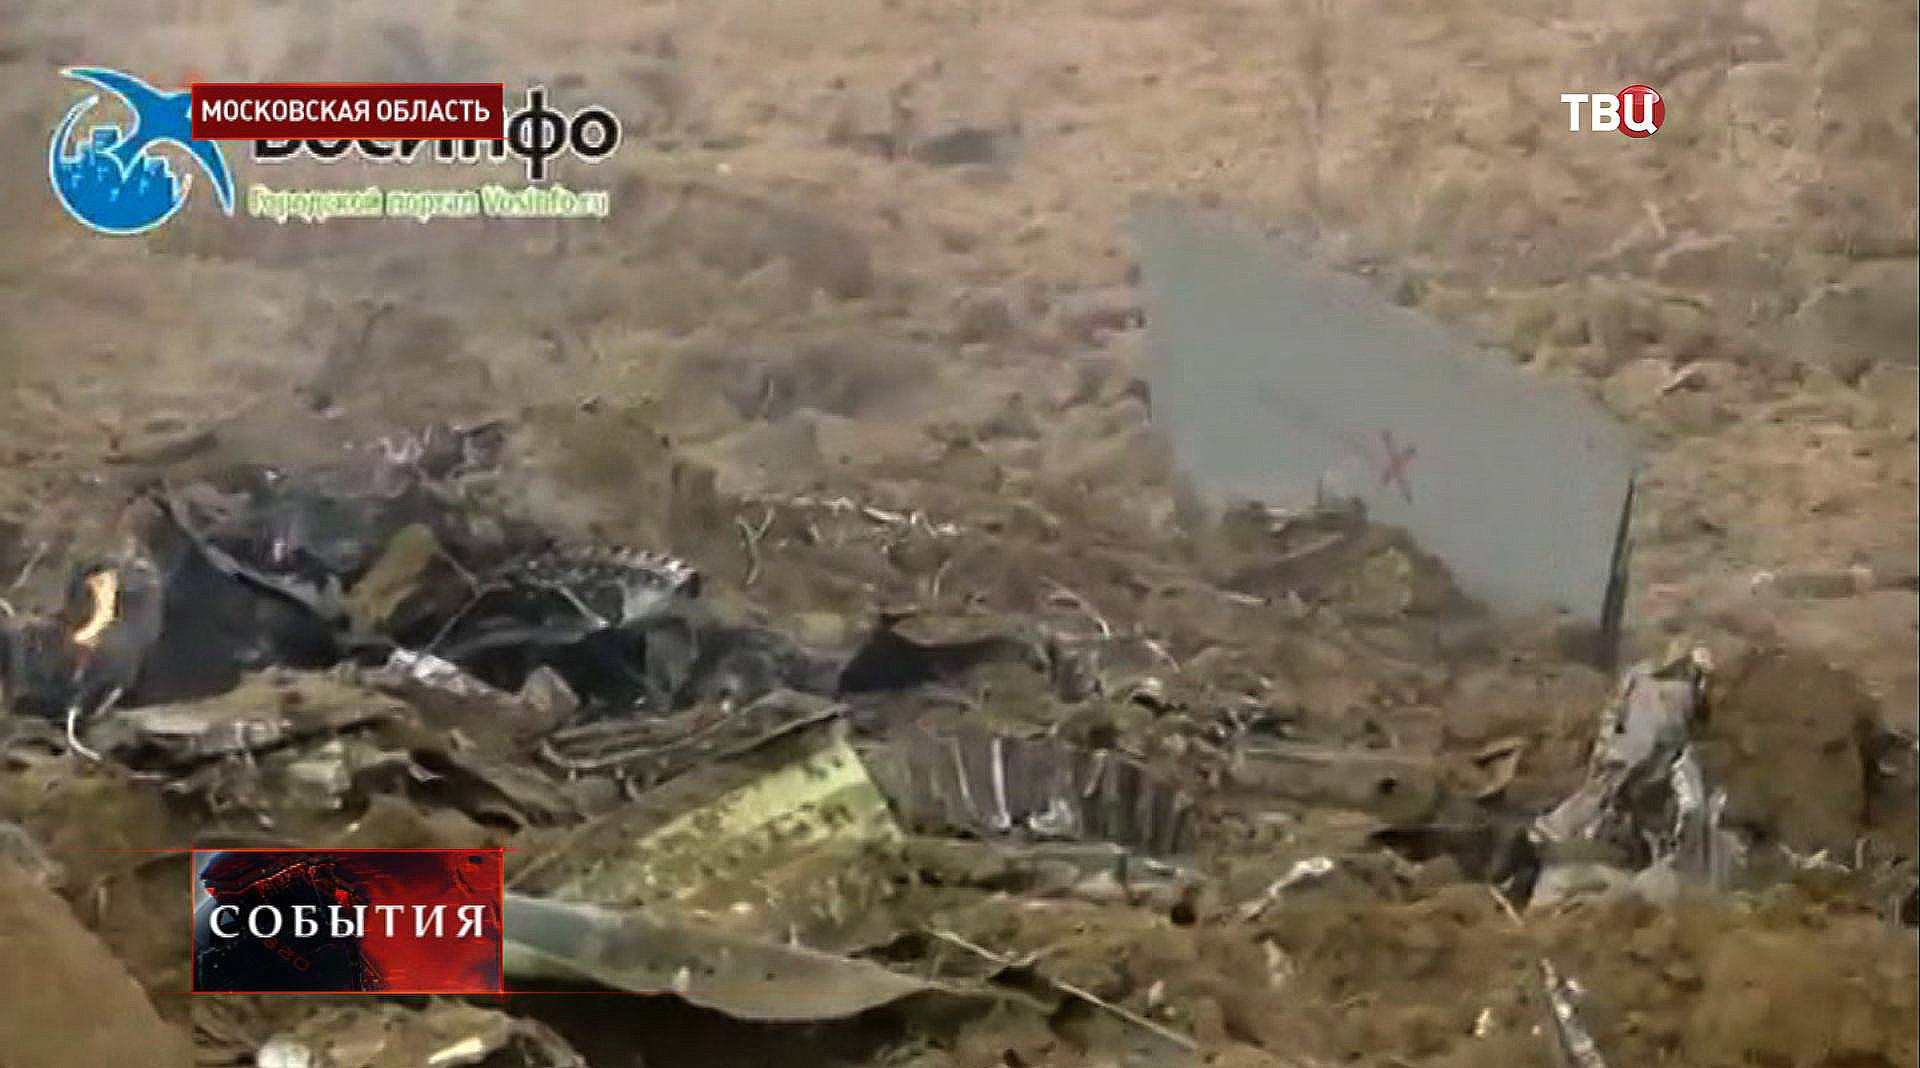 Обломки самолета МиГ-29